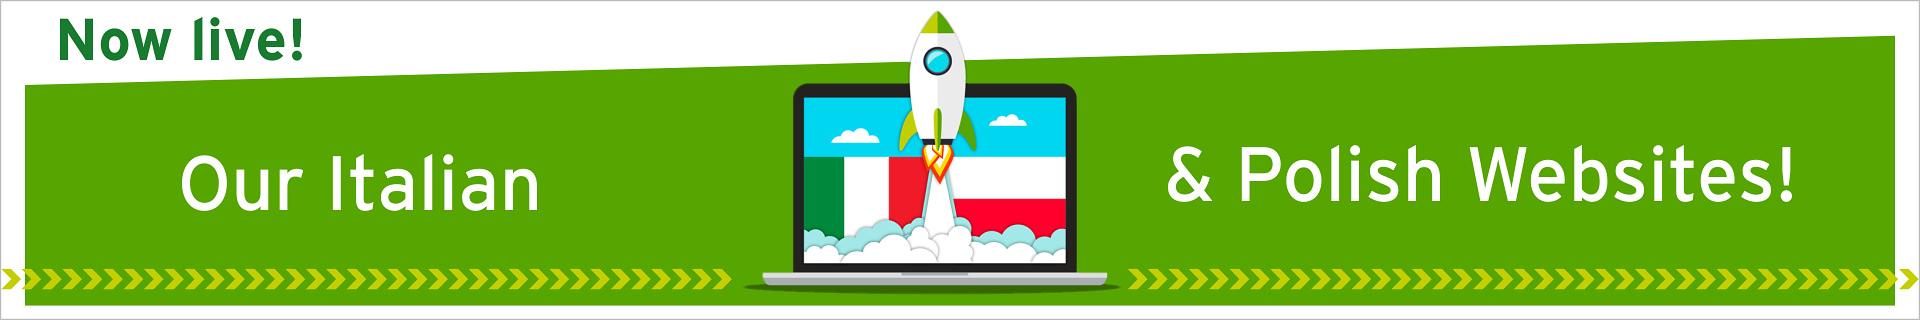 Nasze nowe włoskie i polskie strony internetowe są online...